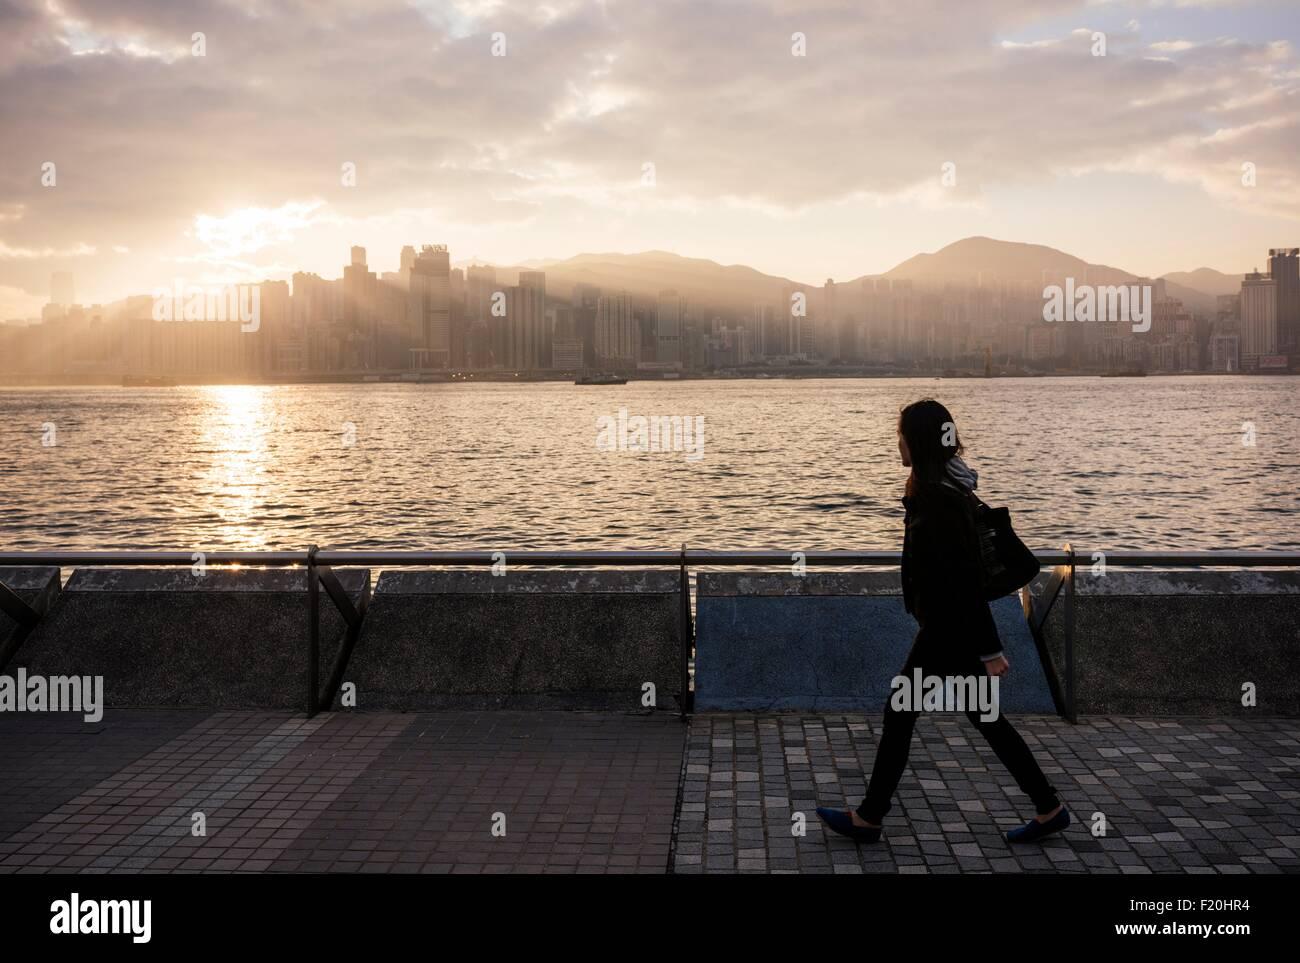 Vista laterale della giovane donna a piedi acqua passata, Hong Kong, Cina Immagini Stock